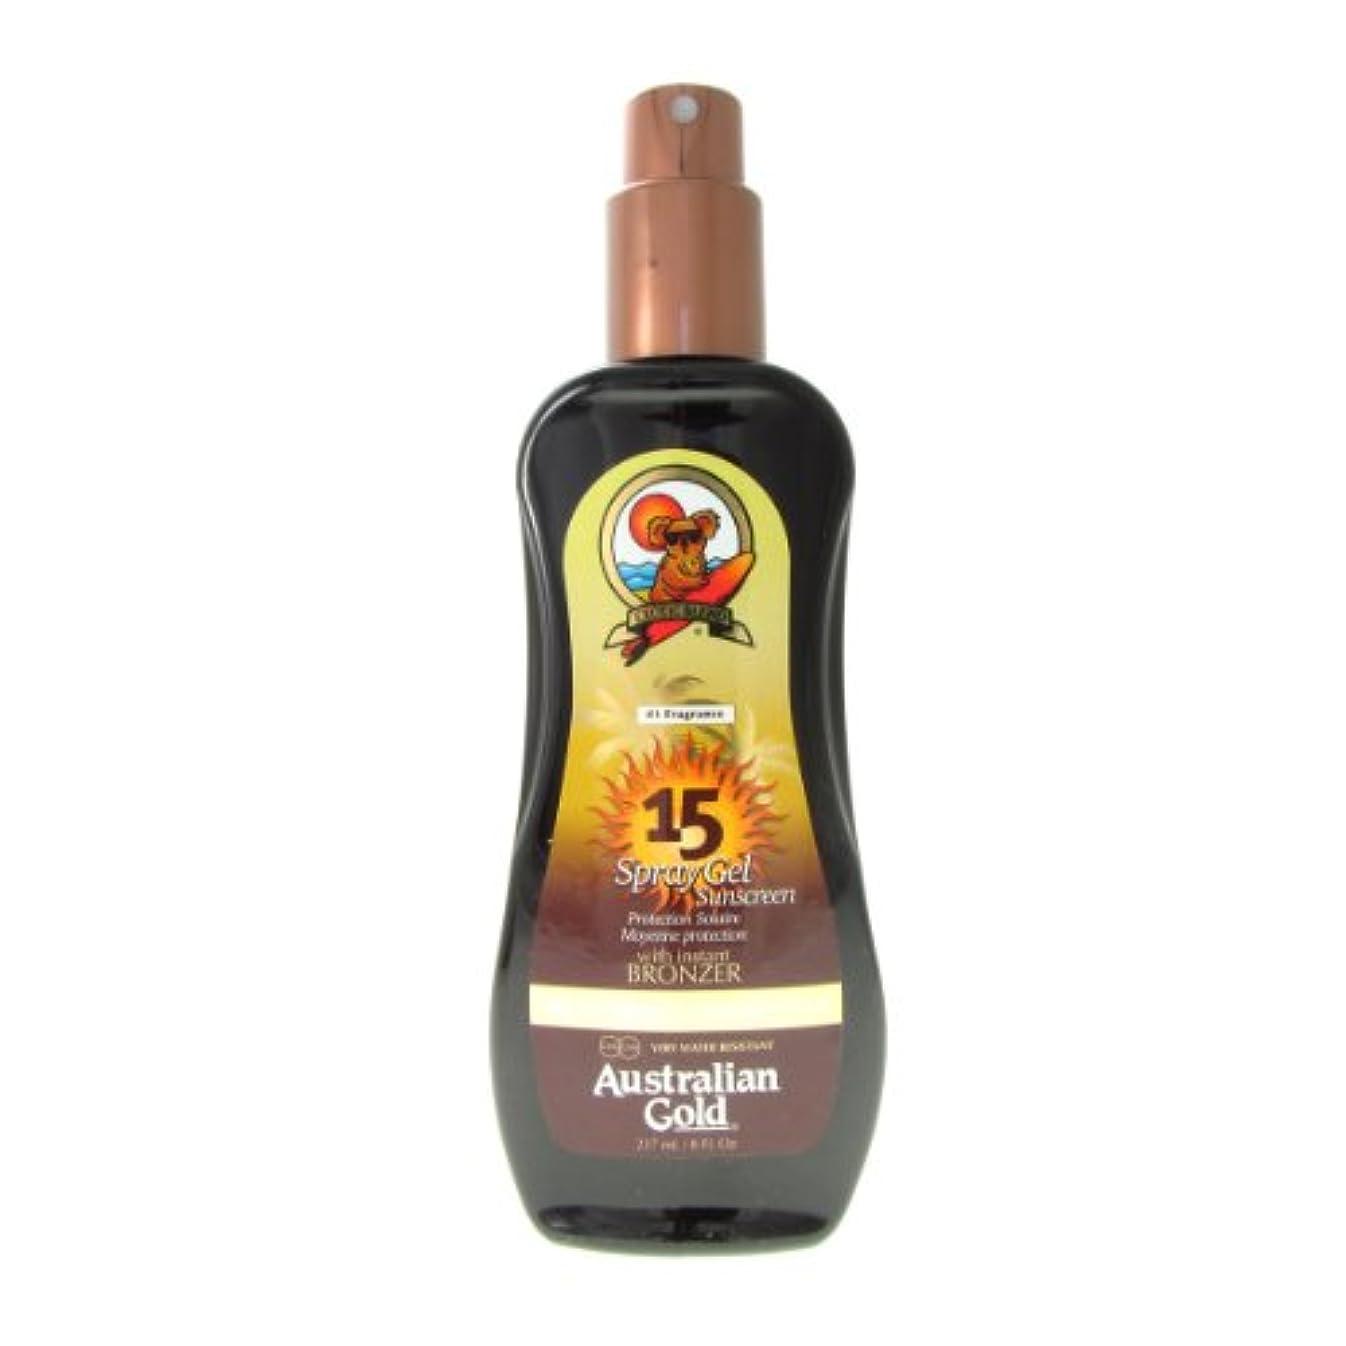 二加害者ガラスAustralian Gold Spray Gel Spf15 Instant Bronzer 237ml [並行輸入品]